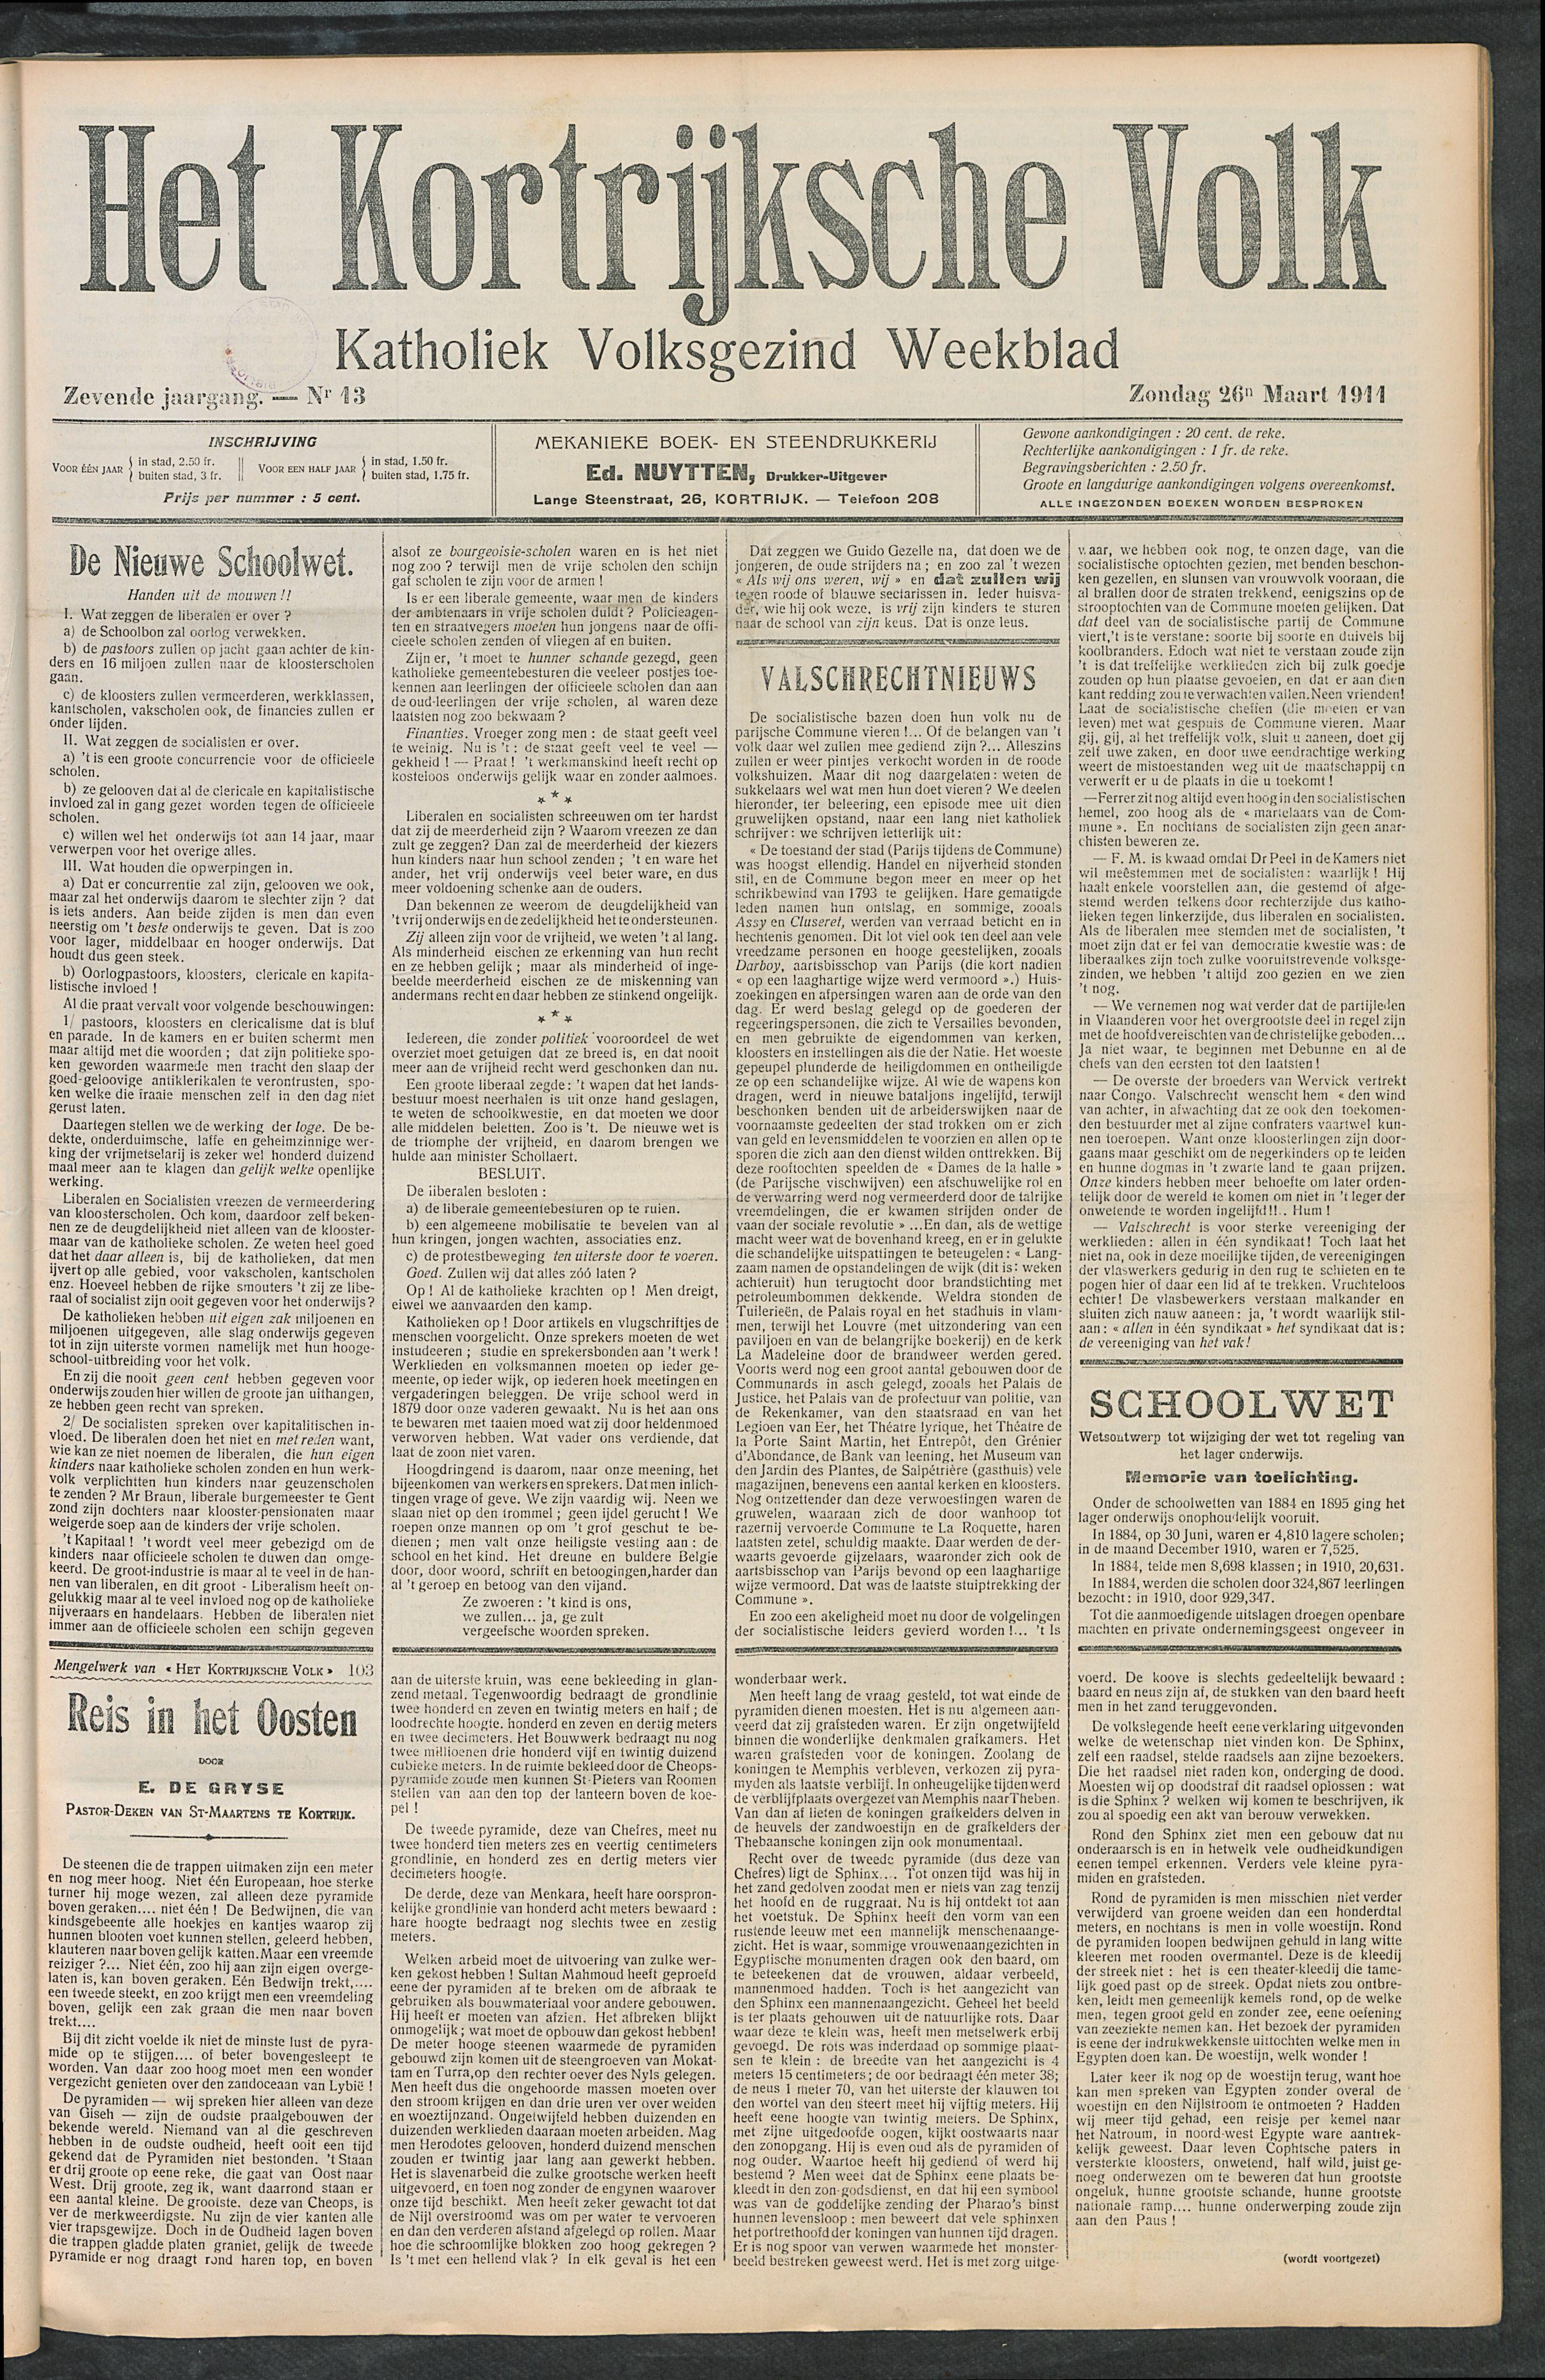 Het Kortrijksche Volk 1911-03-26 p1